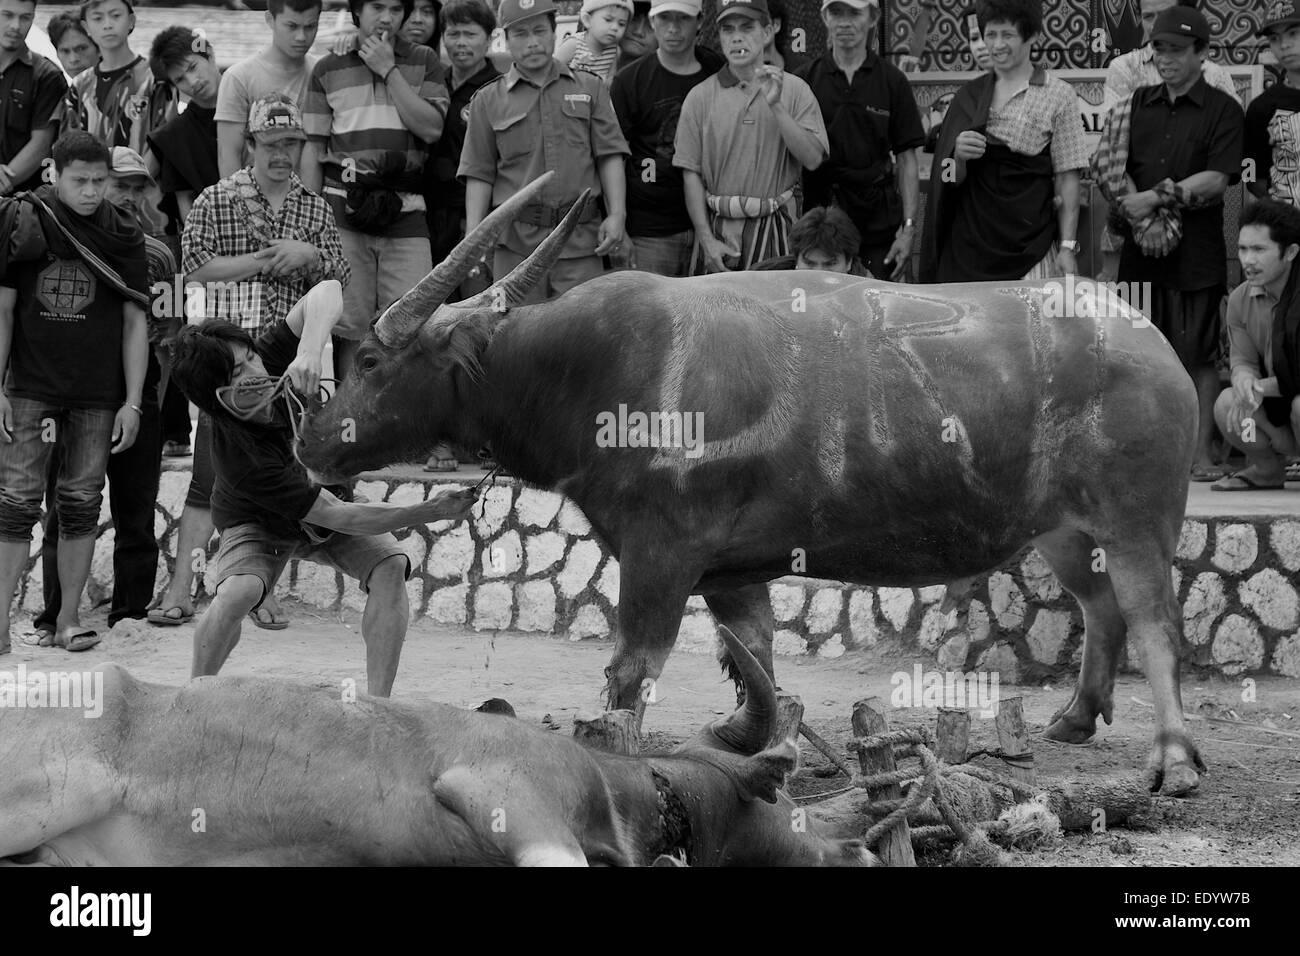 Buffalo killing at funeral ritual in Tana Toraja, Sulawesi - Stock Image